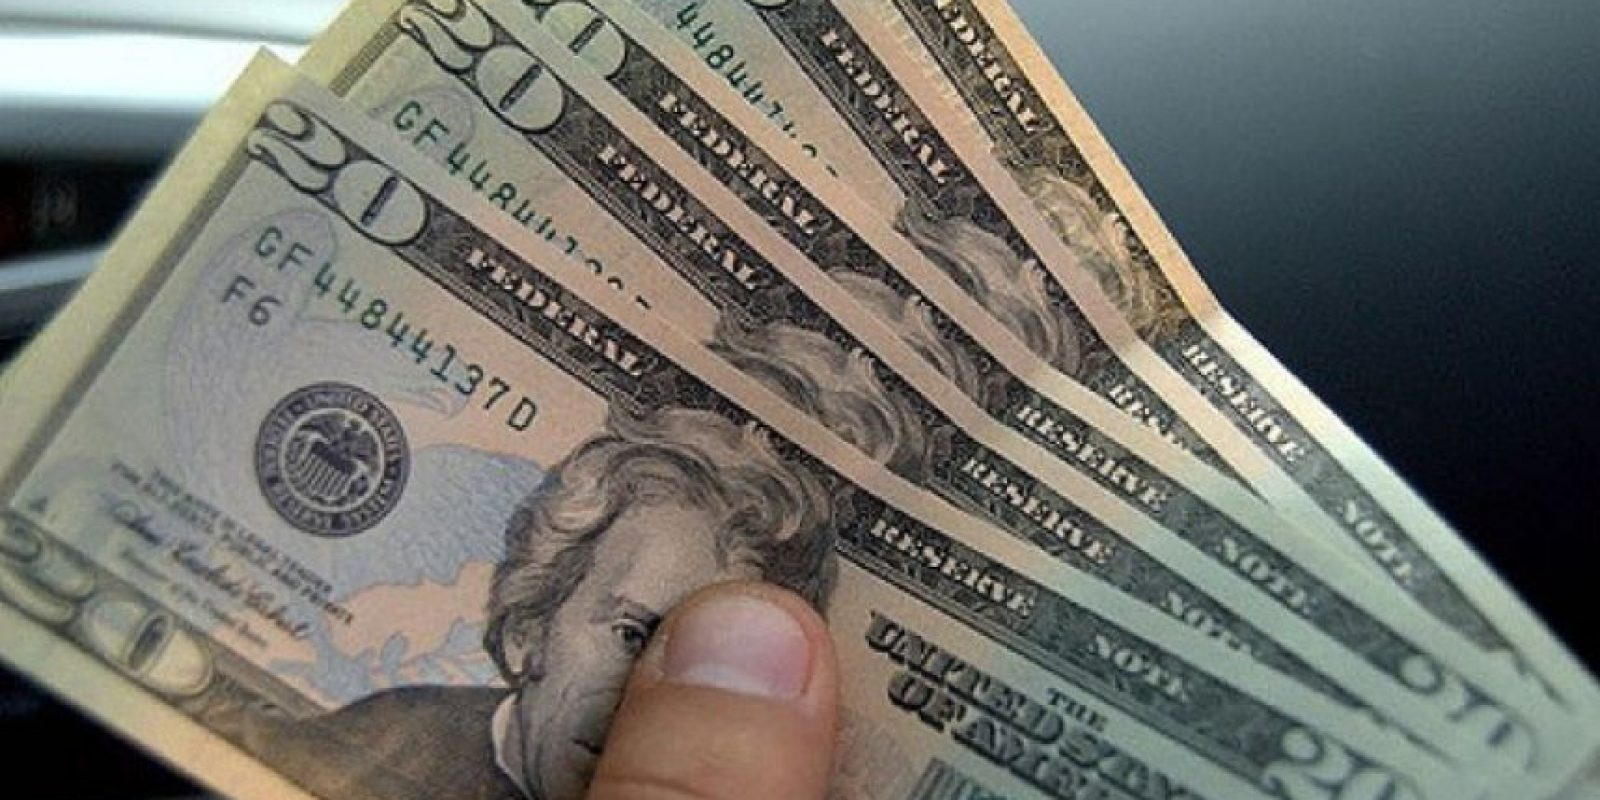 Las nominaciones son de $1, $2, $5, $10, $20 , $50 y $100 dólares. Foto:Flickr.com